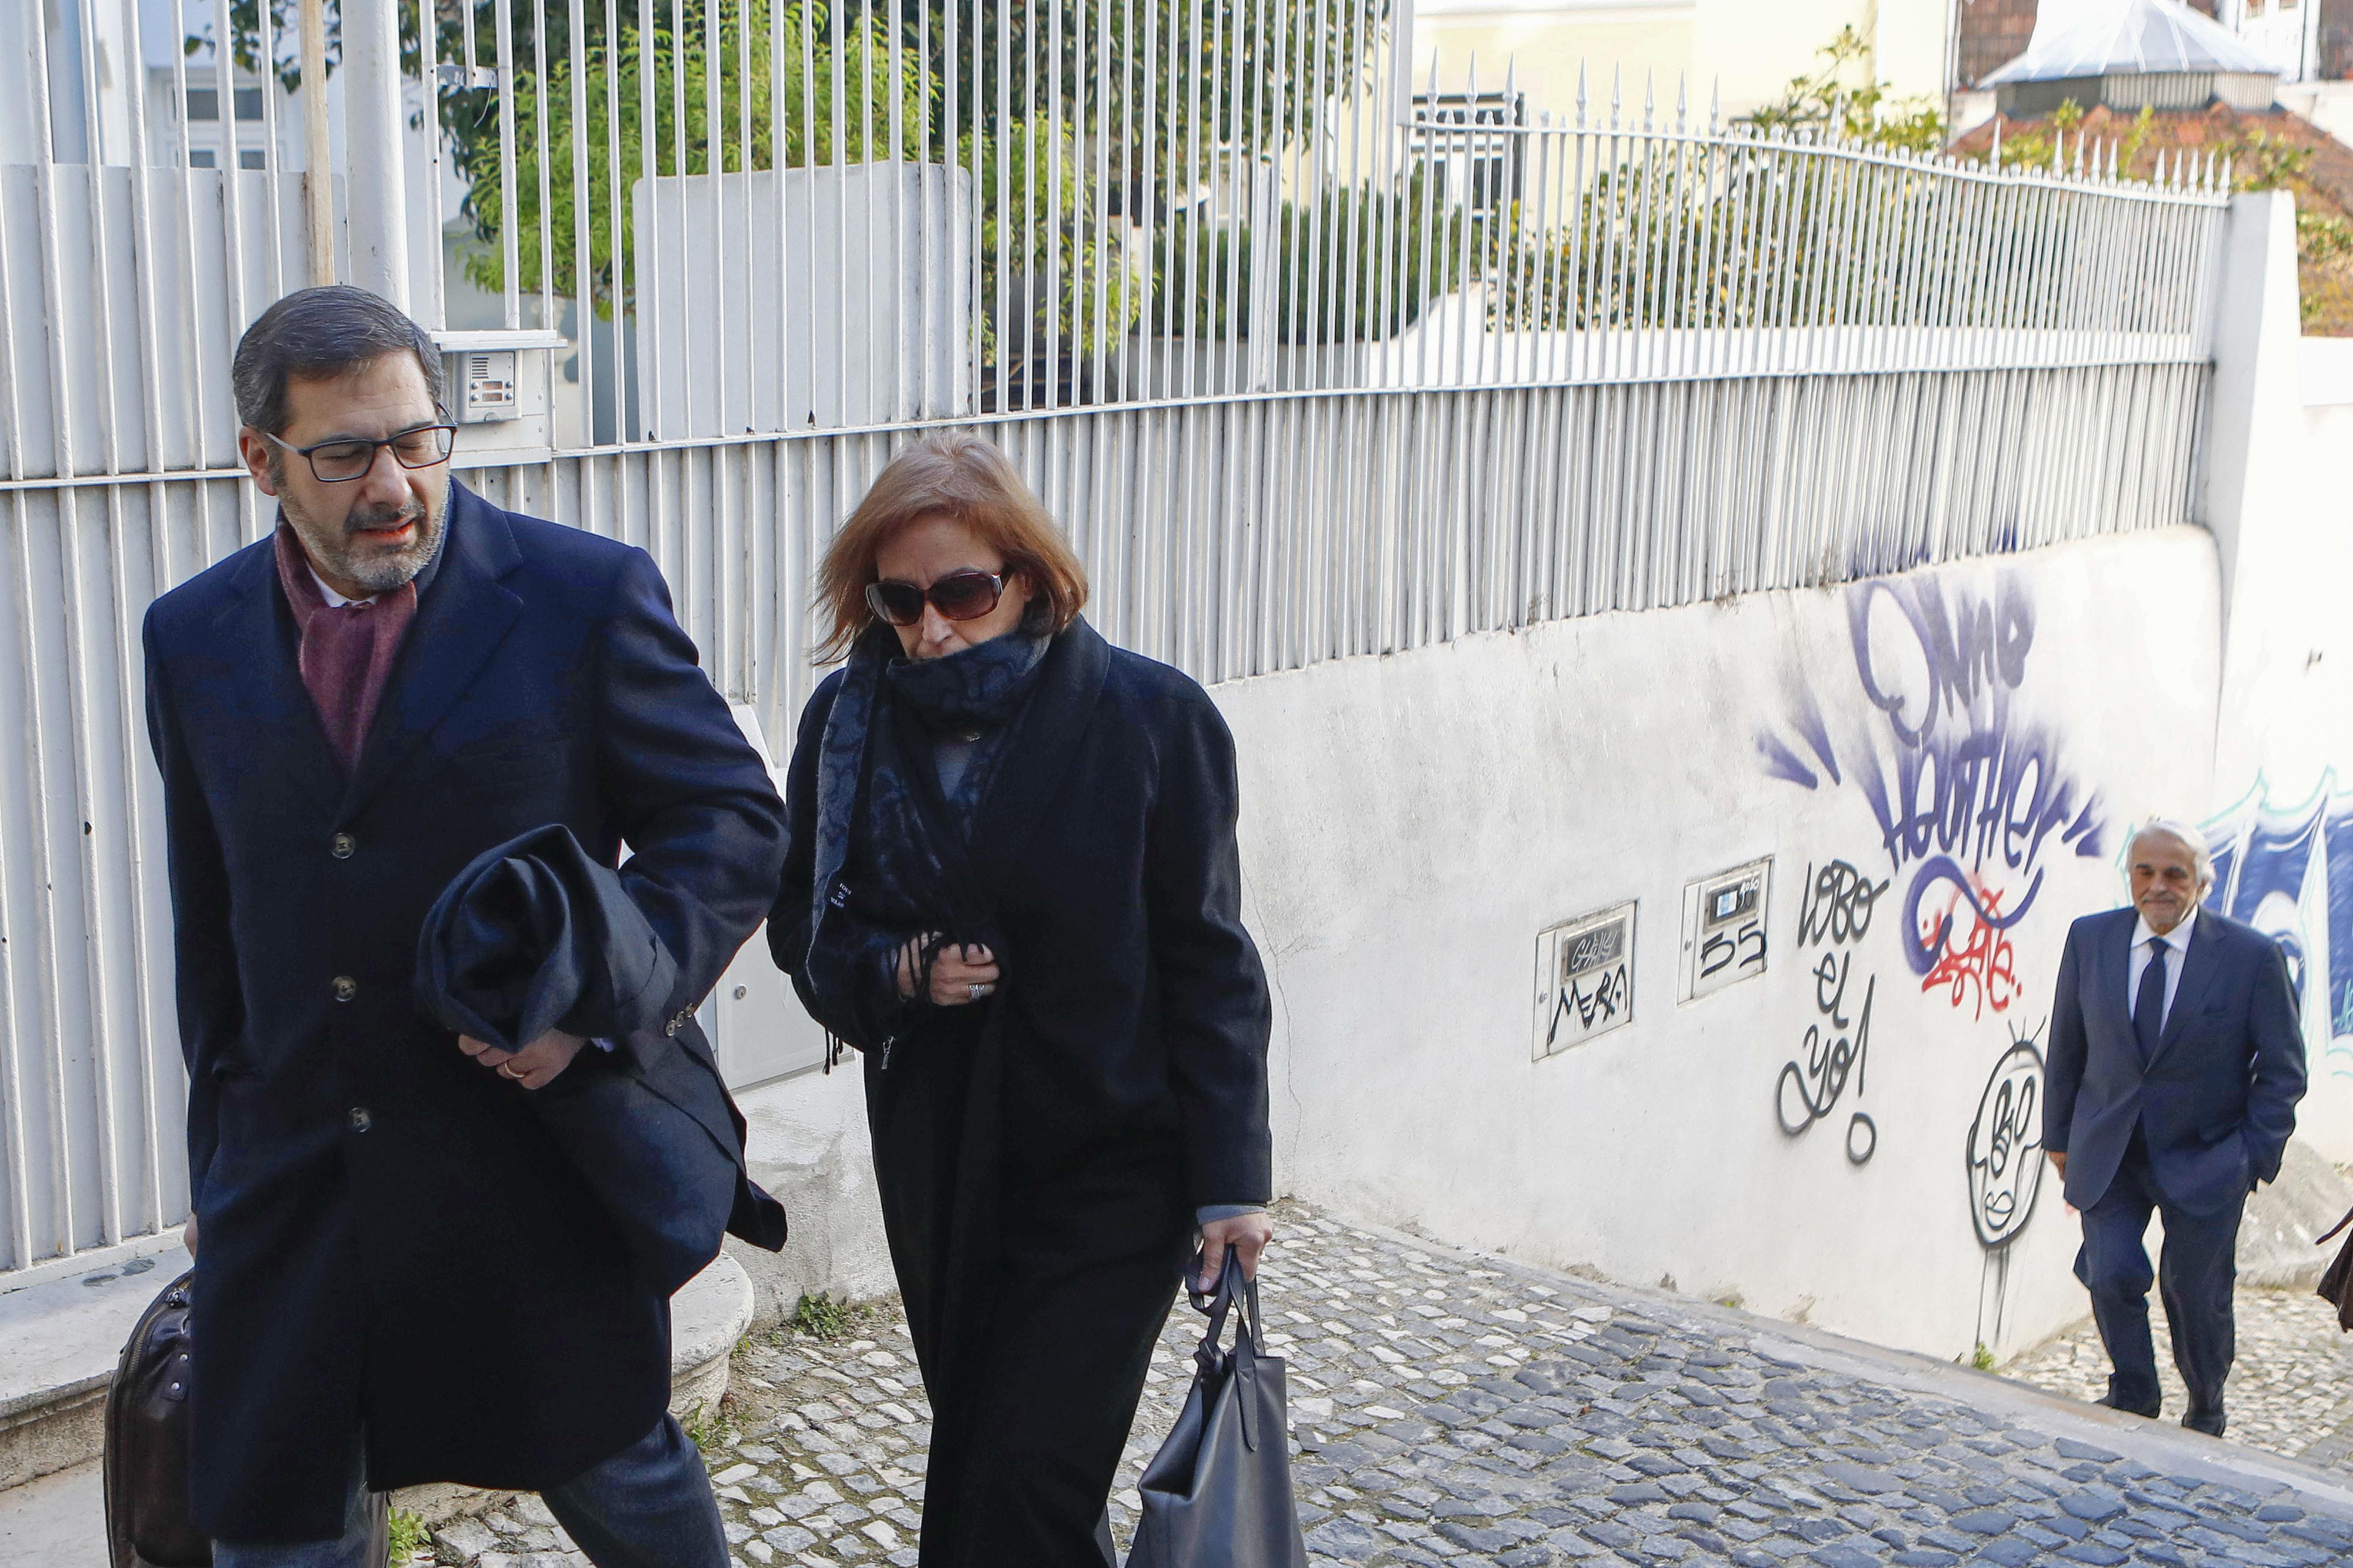 Operação Lex: Fátima Galante vai recorrer da decisão de aposentação compulsiva